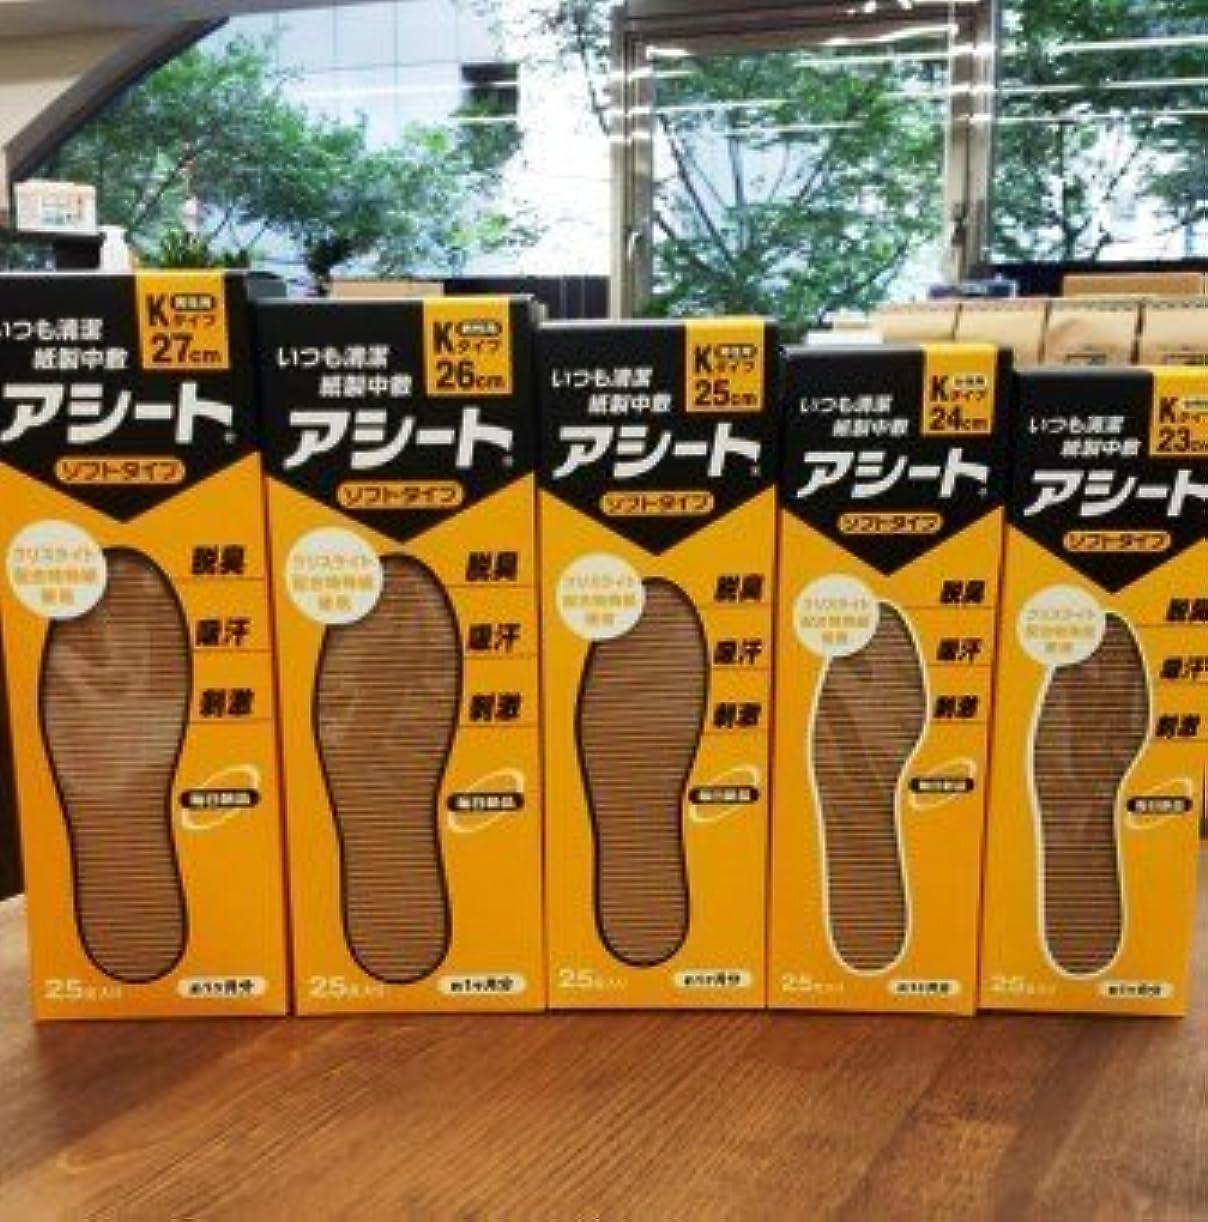 悲しむビート付録アシートK(サイズ27cm)×5箱セット(15足増量中)